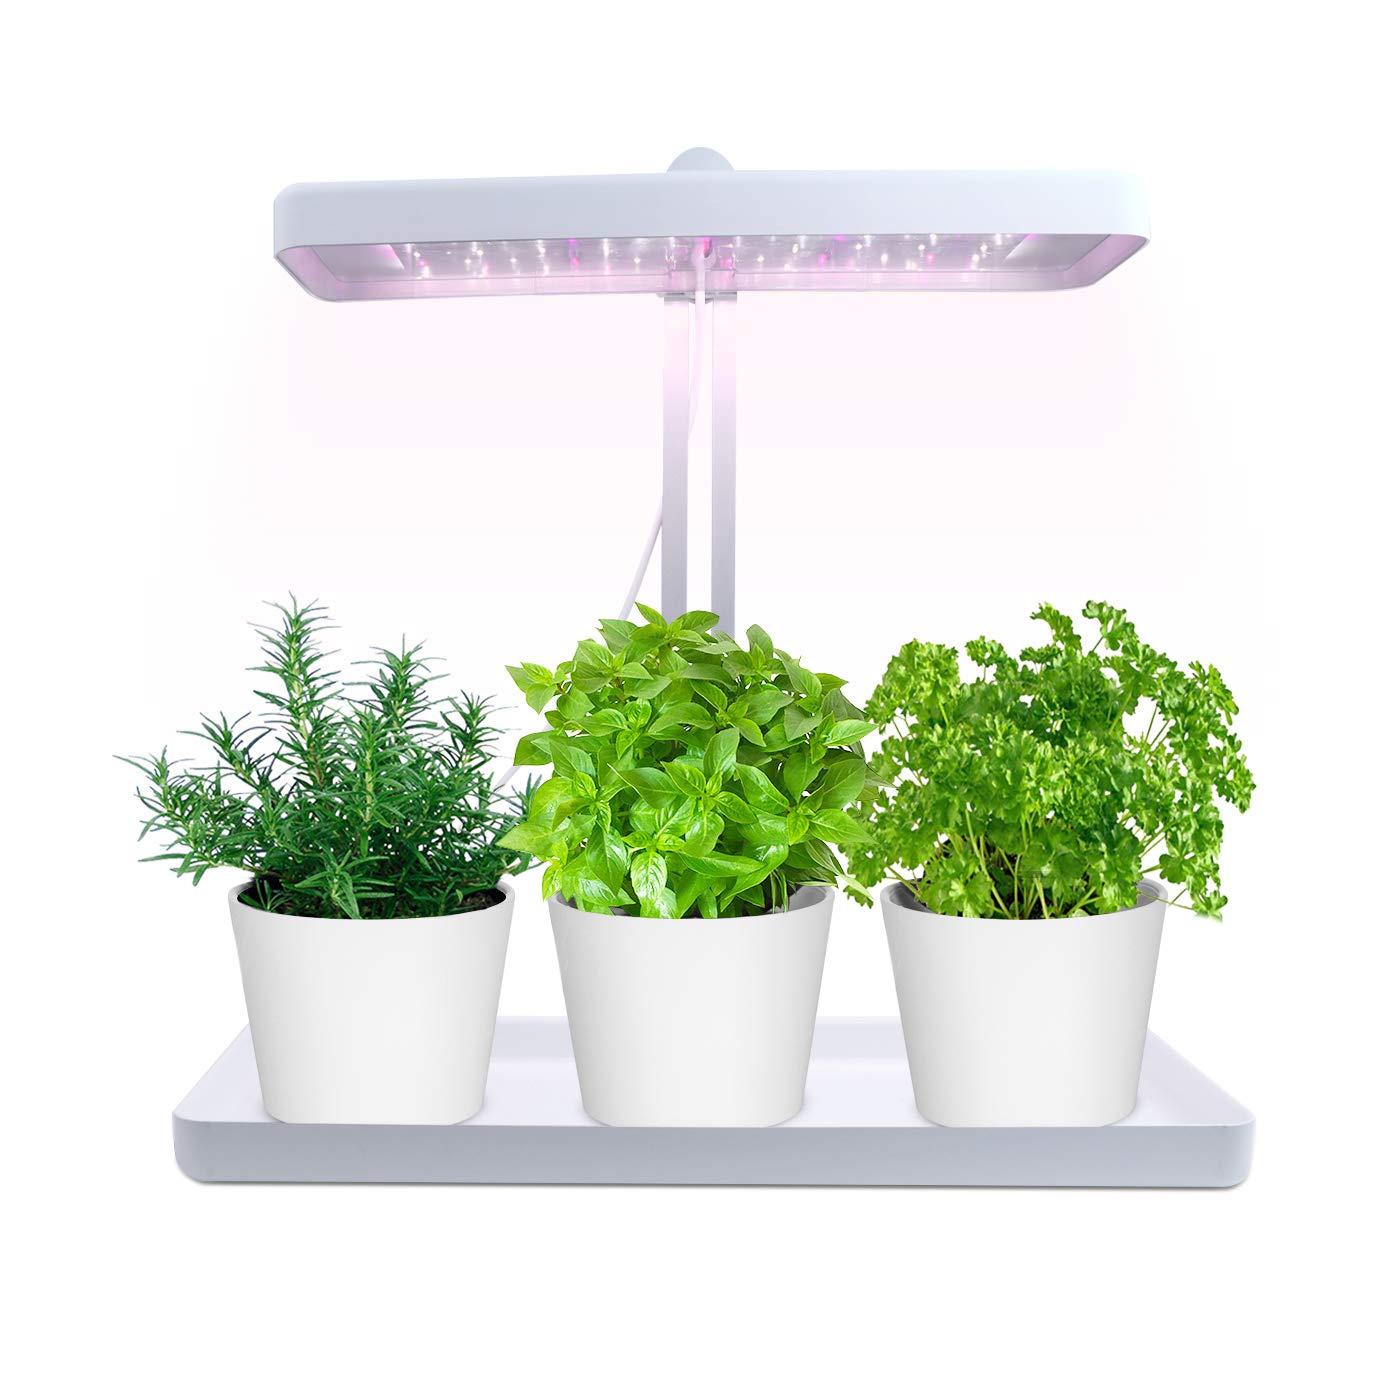 iGrowtek Fantastic Smart Herb Garden Indoor, with Sunlike White LED Grow Light, Height Adjustable,Safe Low Voltage 24V DC Adapter Input